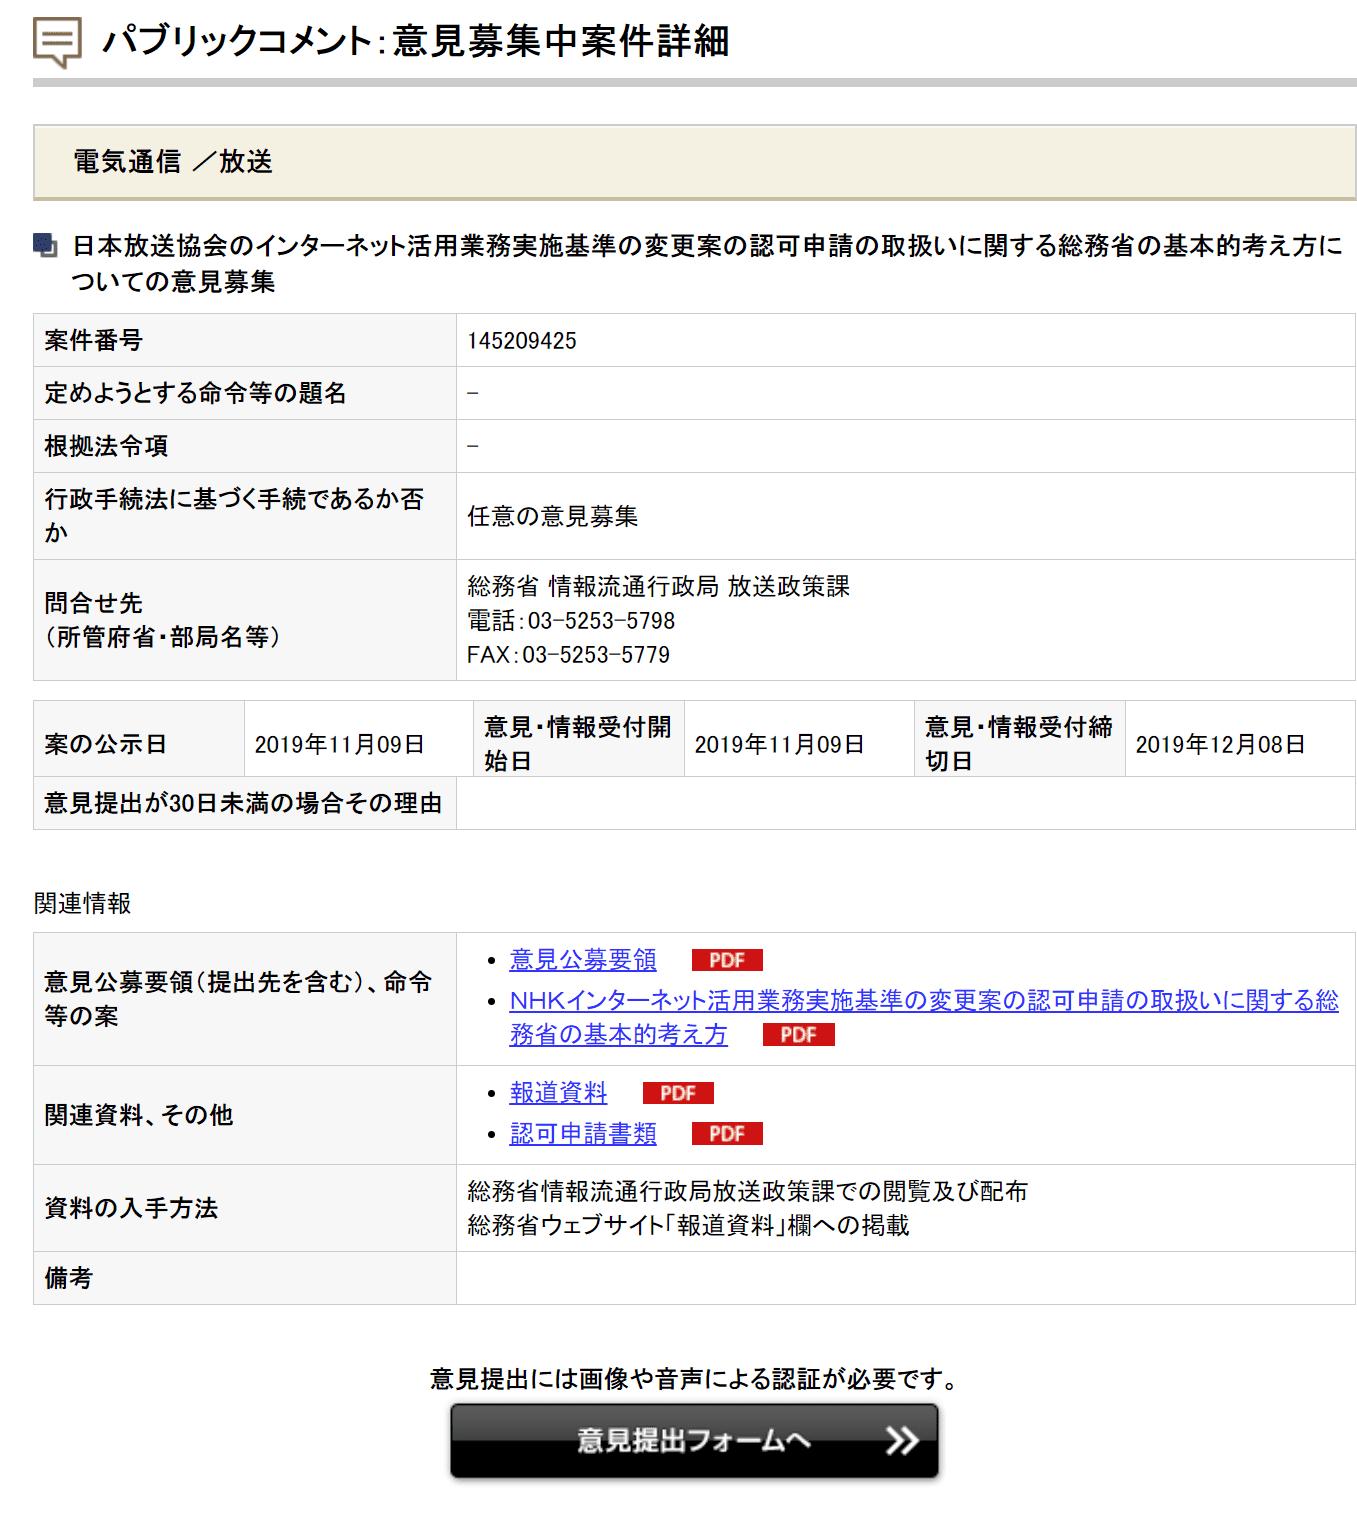 NHKに対するパブリックコメント